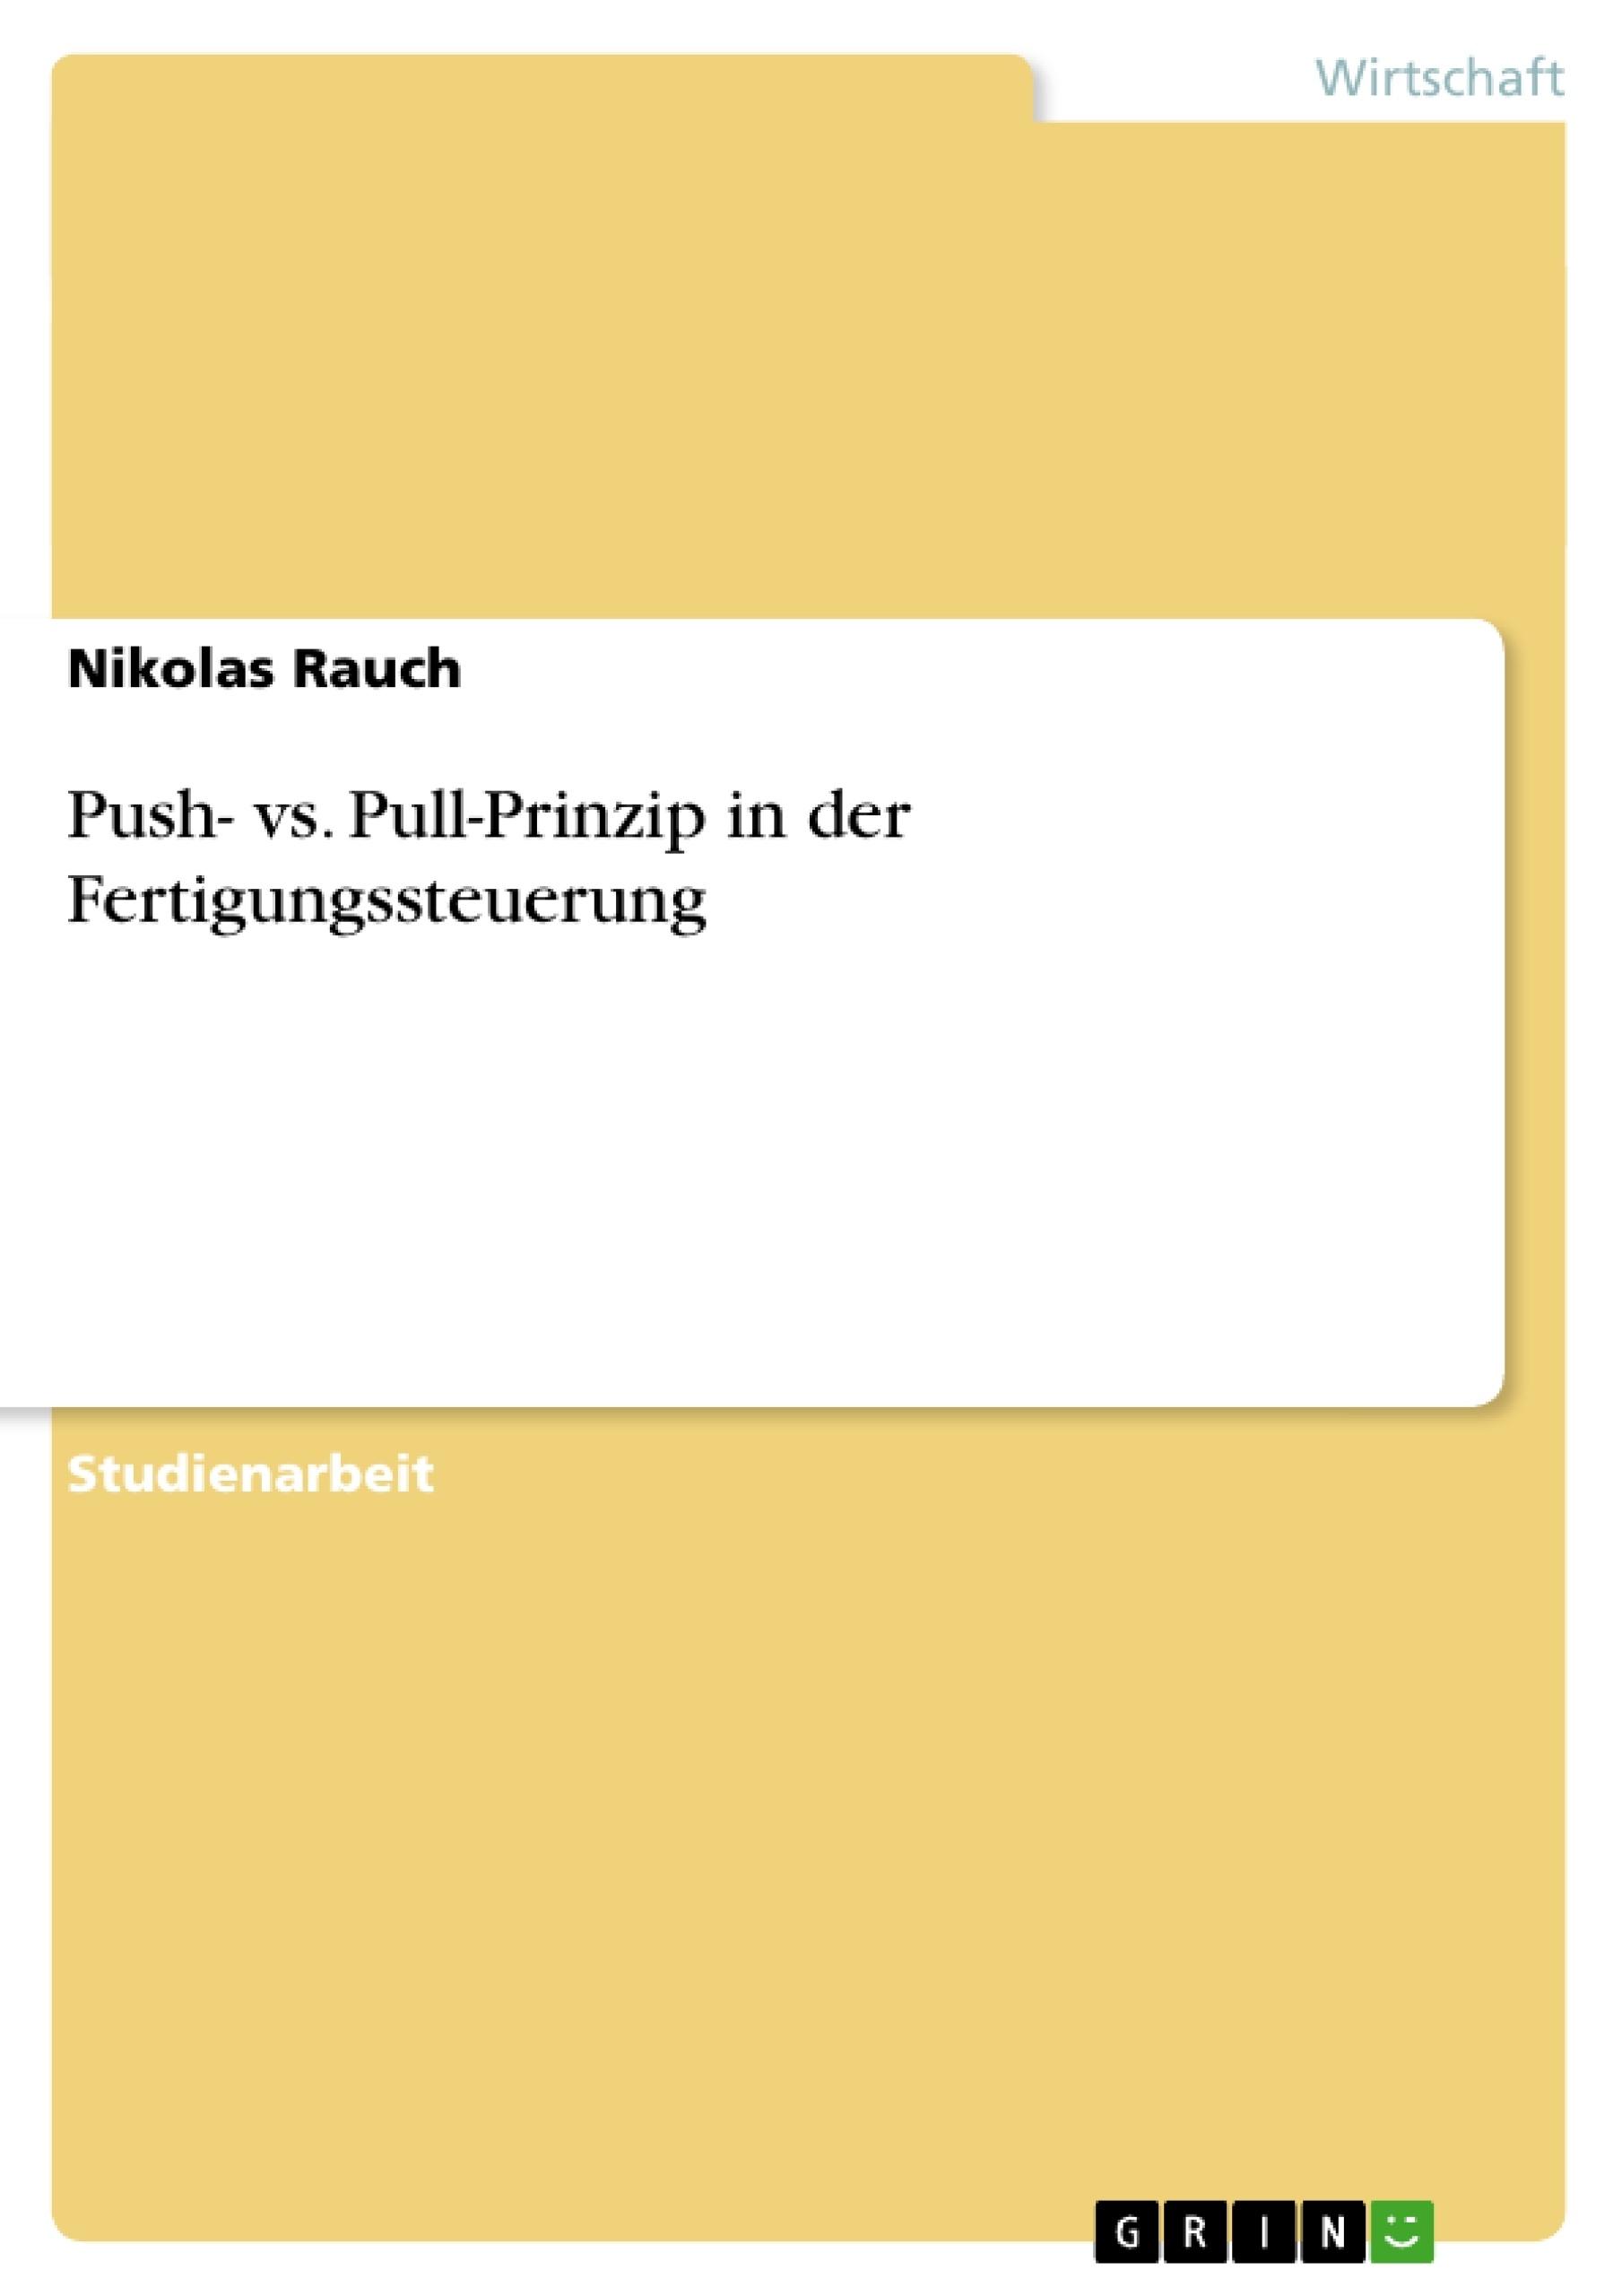 Titel: Push- vs. Pull-Prinzip in der Fertigungssteuerung